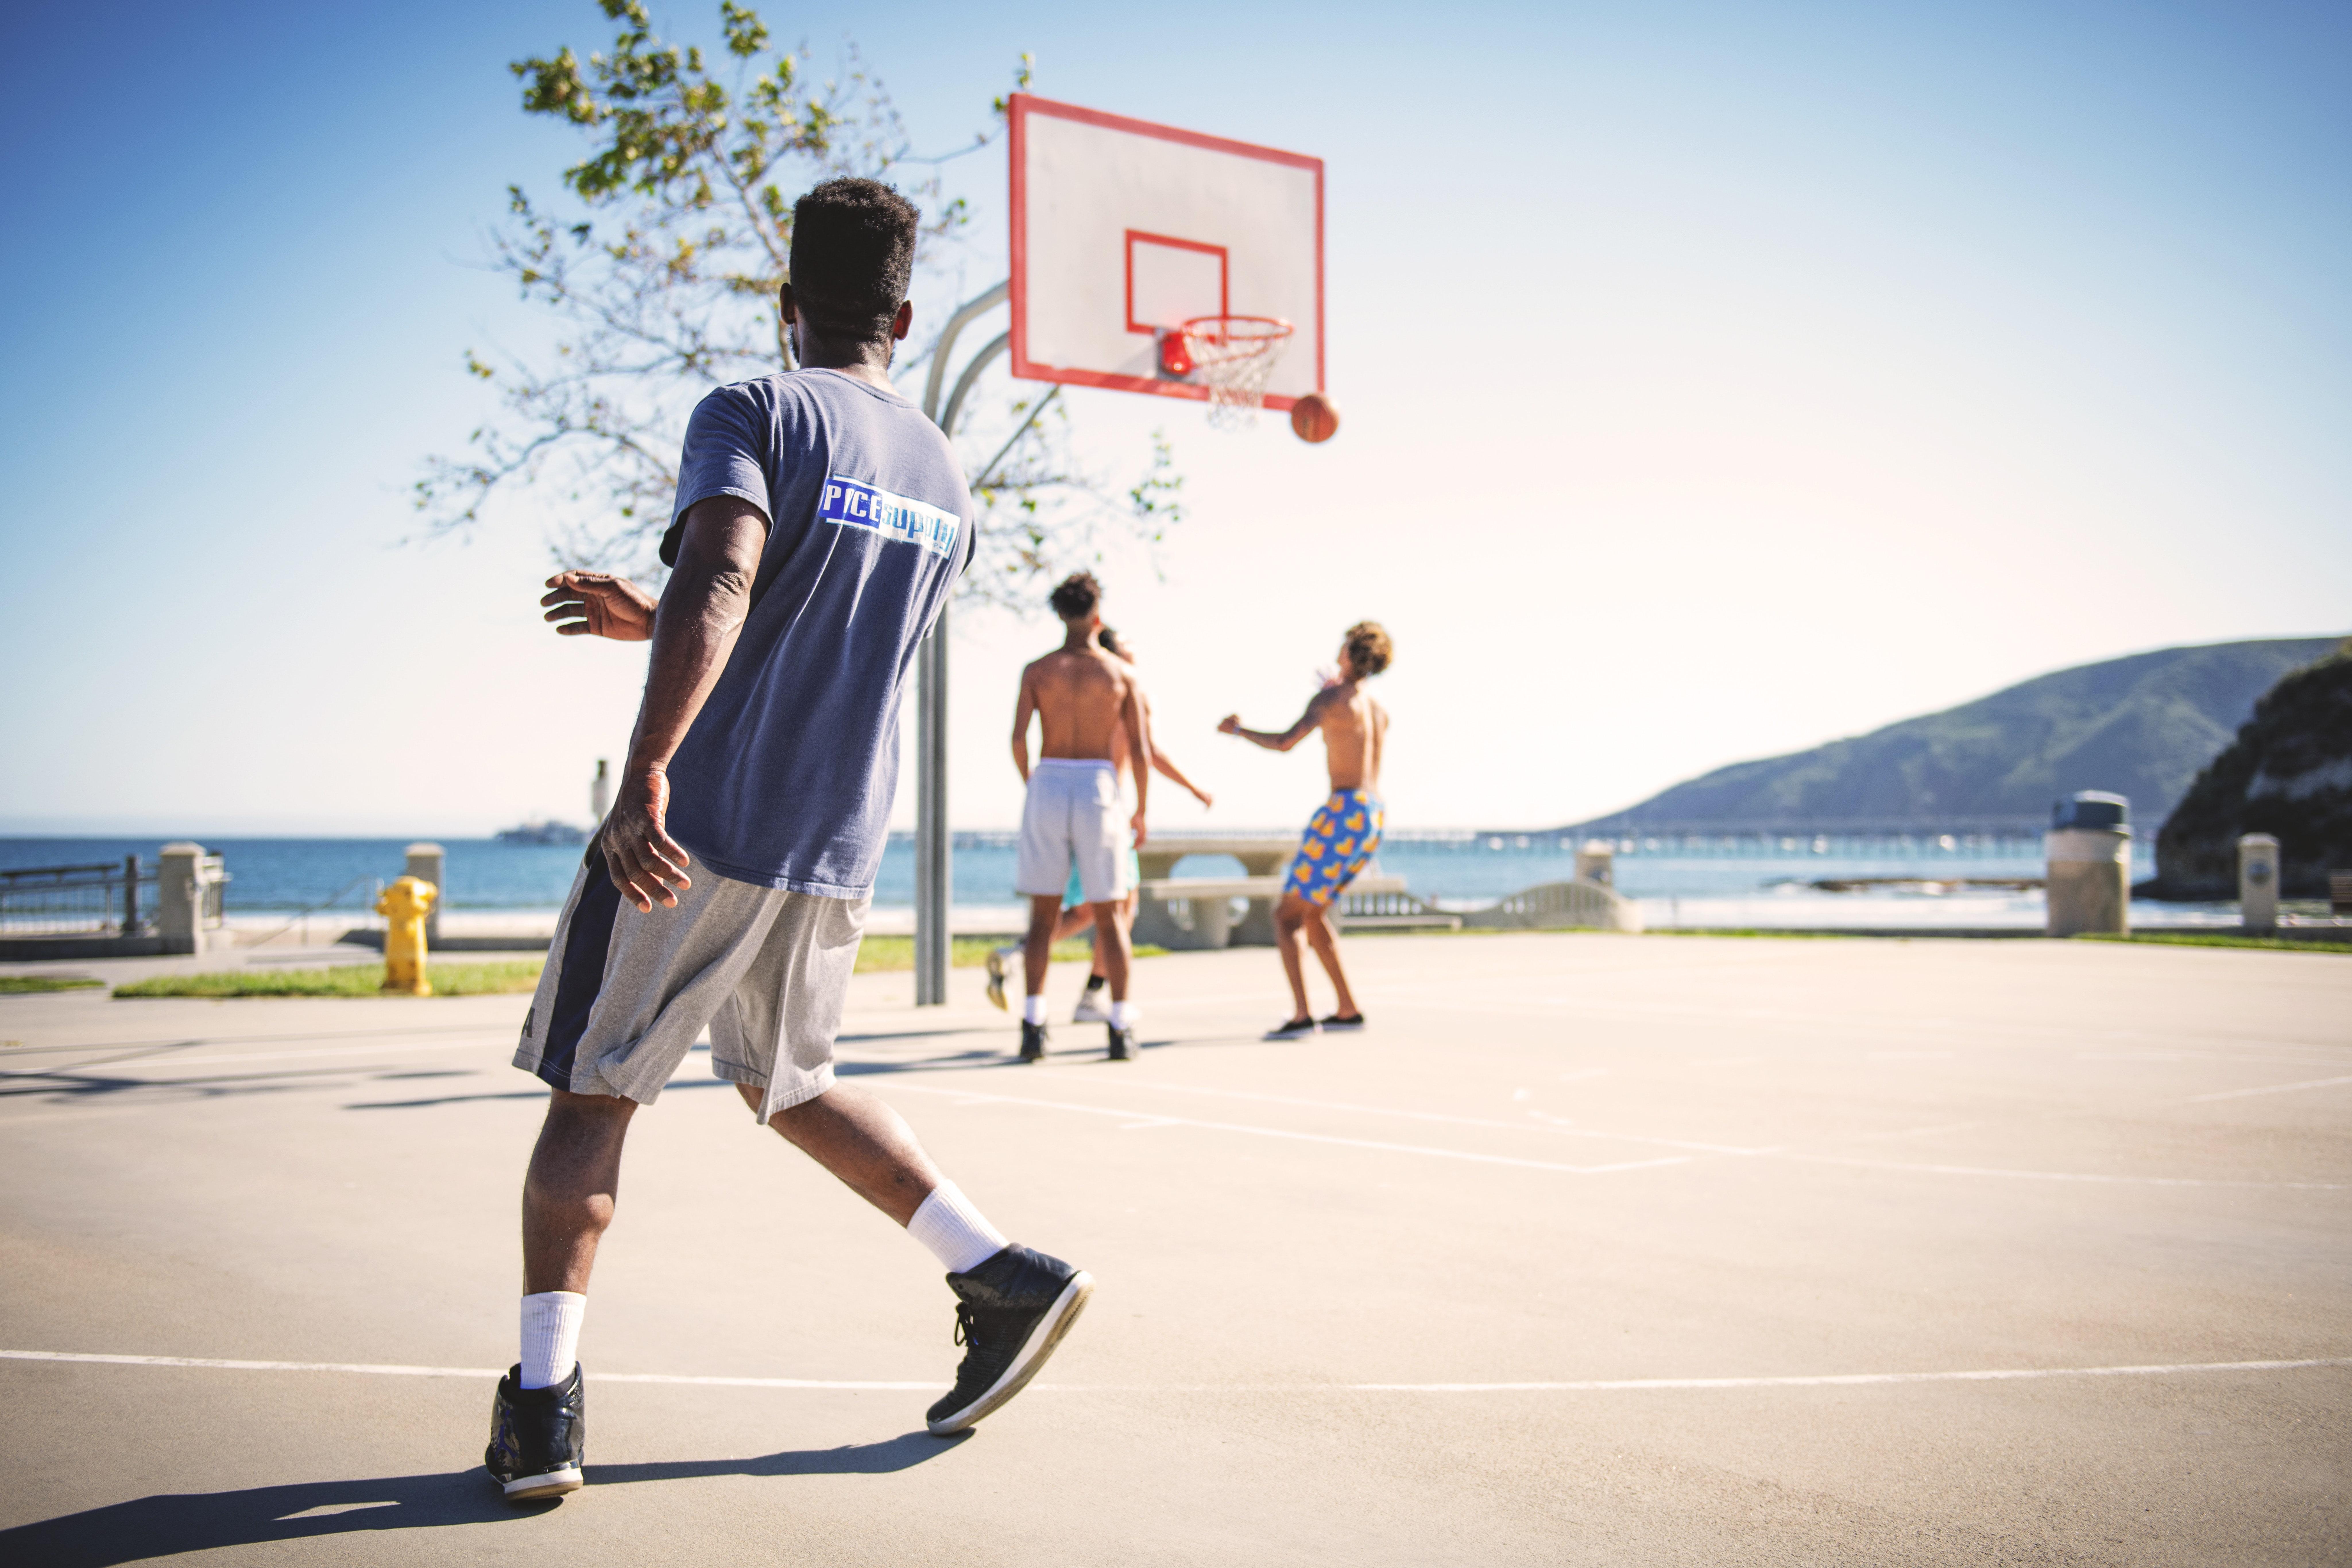 ao-ar-livre-atividade-fisica-atletas-Os benefícios dos esportes para o bem-estar e saúde - @pitacoseachados